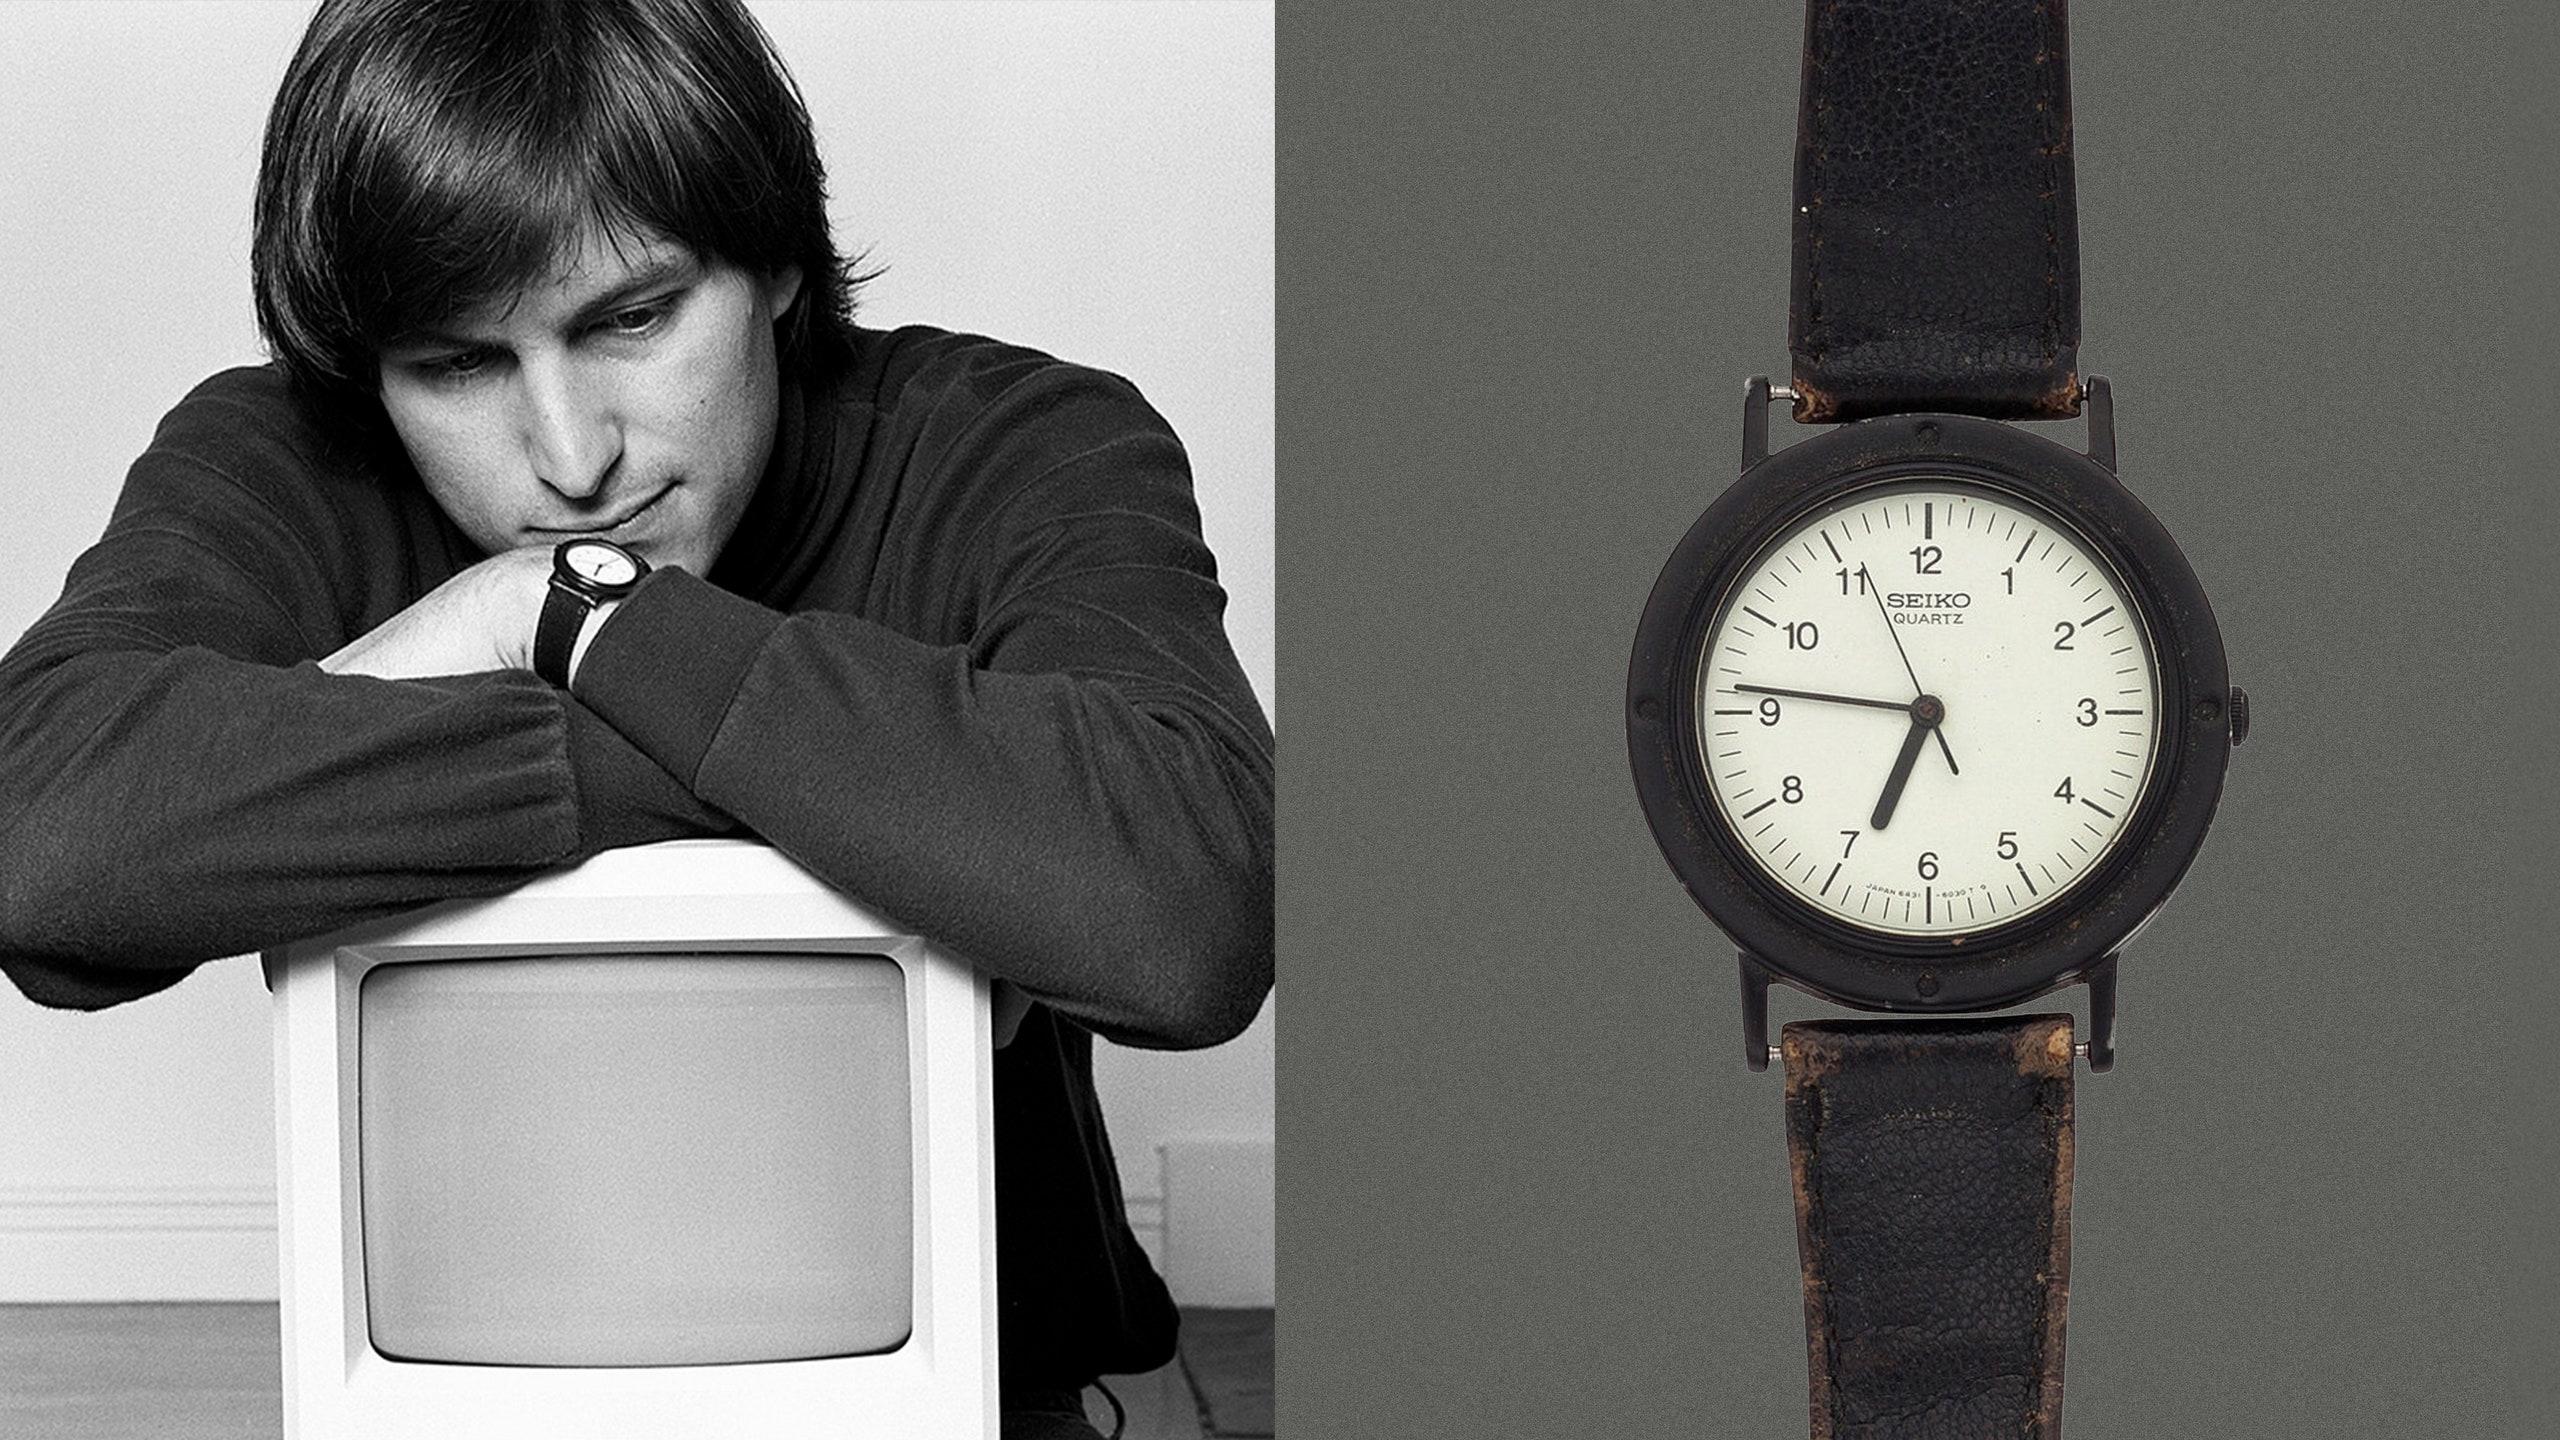 Dit zijn de betaalbare horloges waar beroemdheden dol op zijn